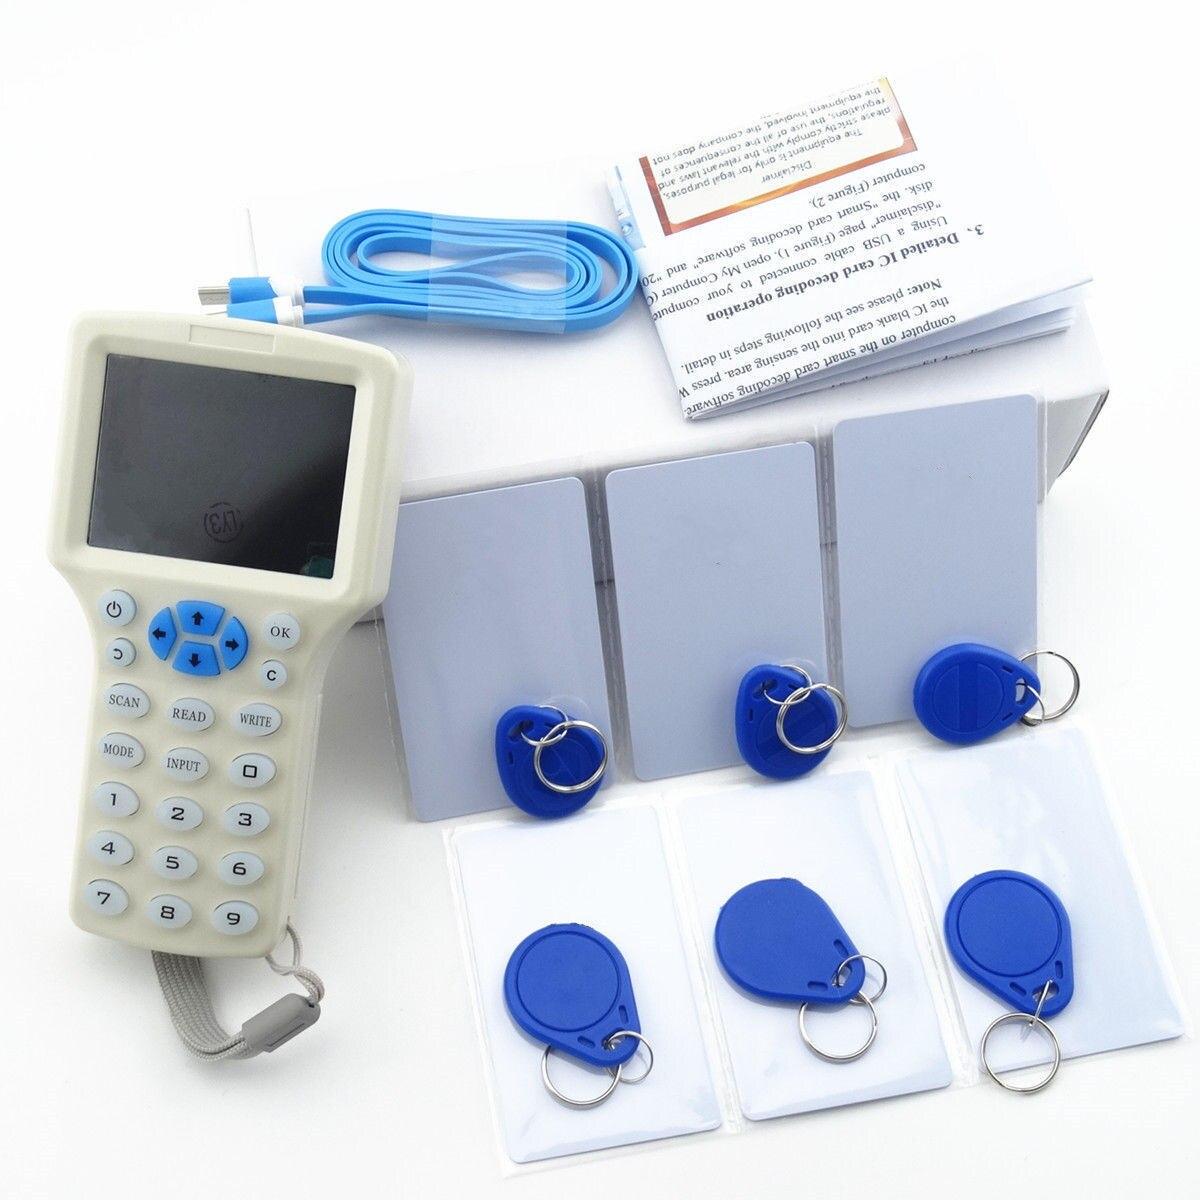 Anglais 10 fréquence RFID copie copieur crypté NFC Smart ID IC M113.56MHZ lecteur de carte chiffré duplicateur programmeur USB